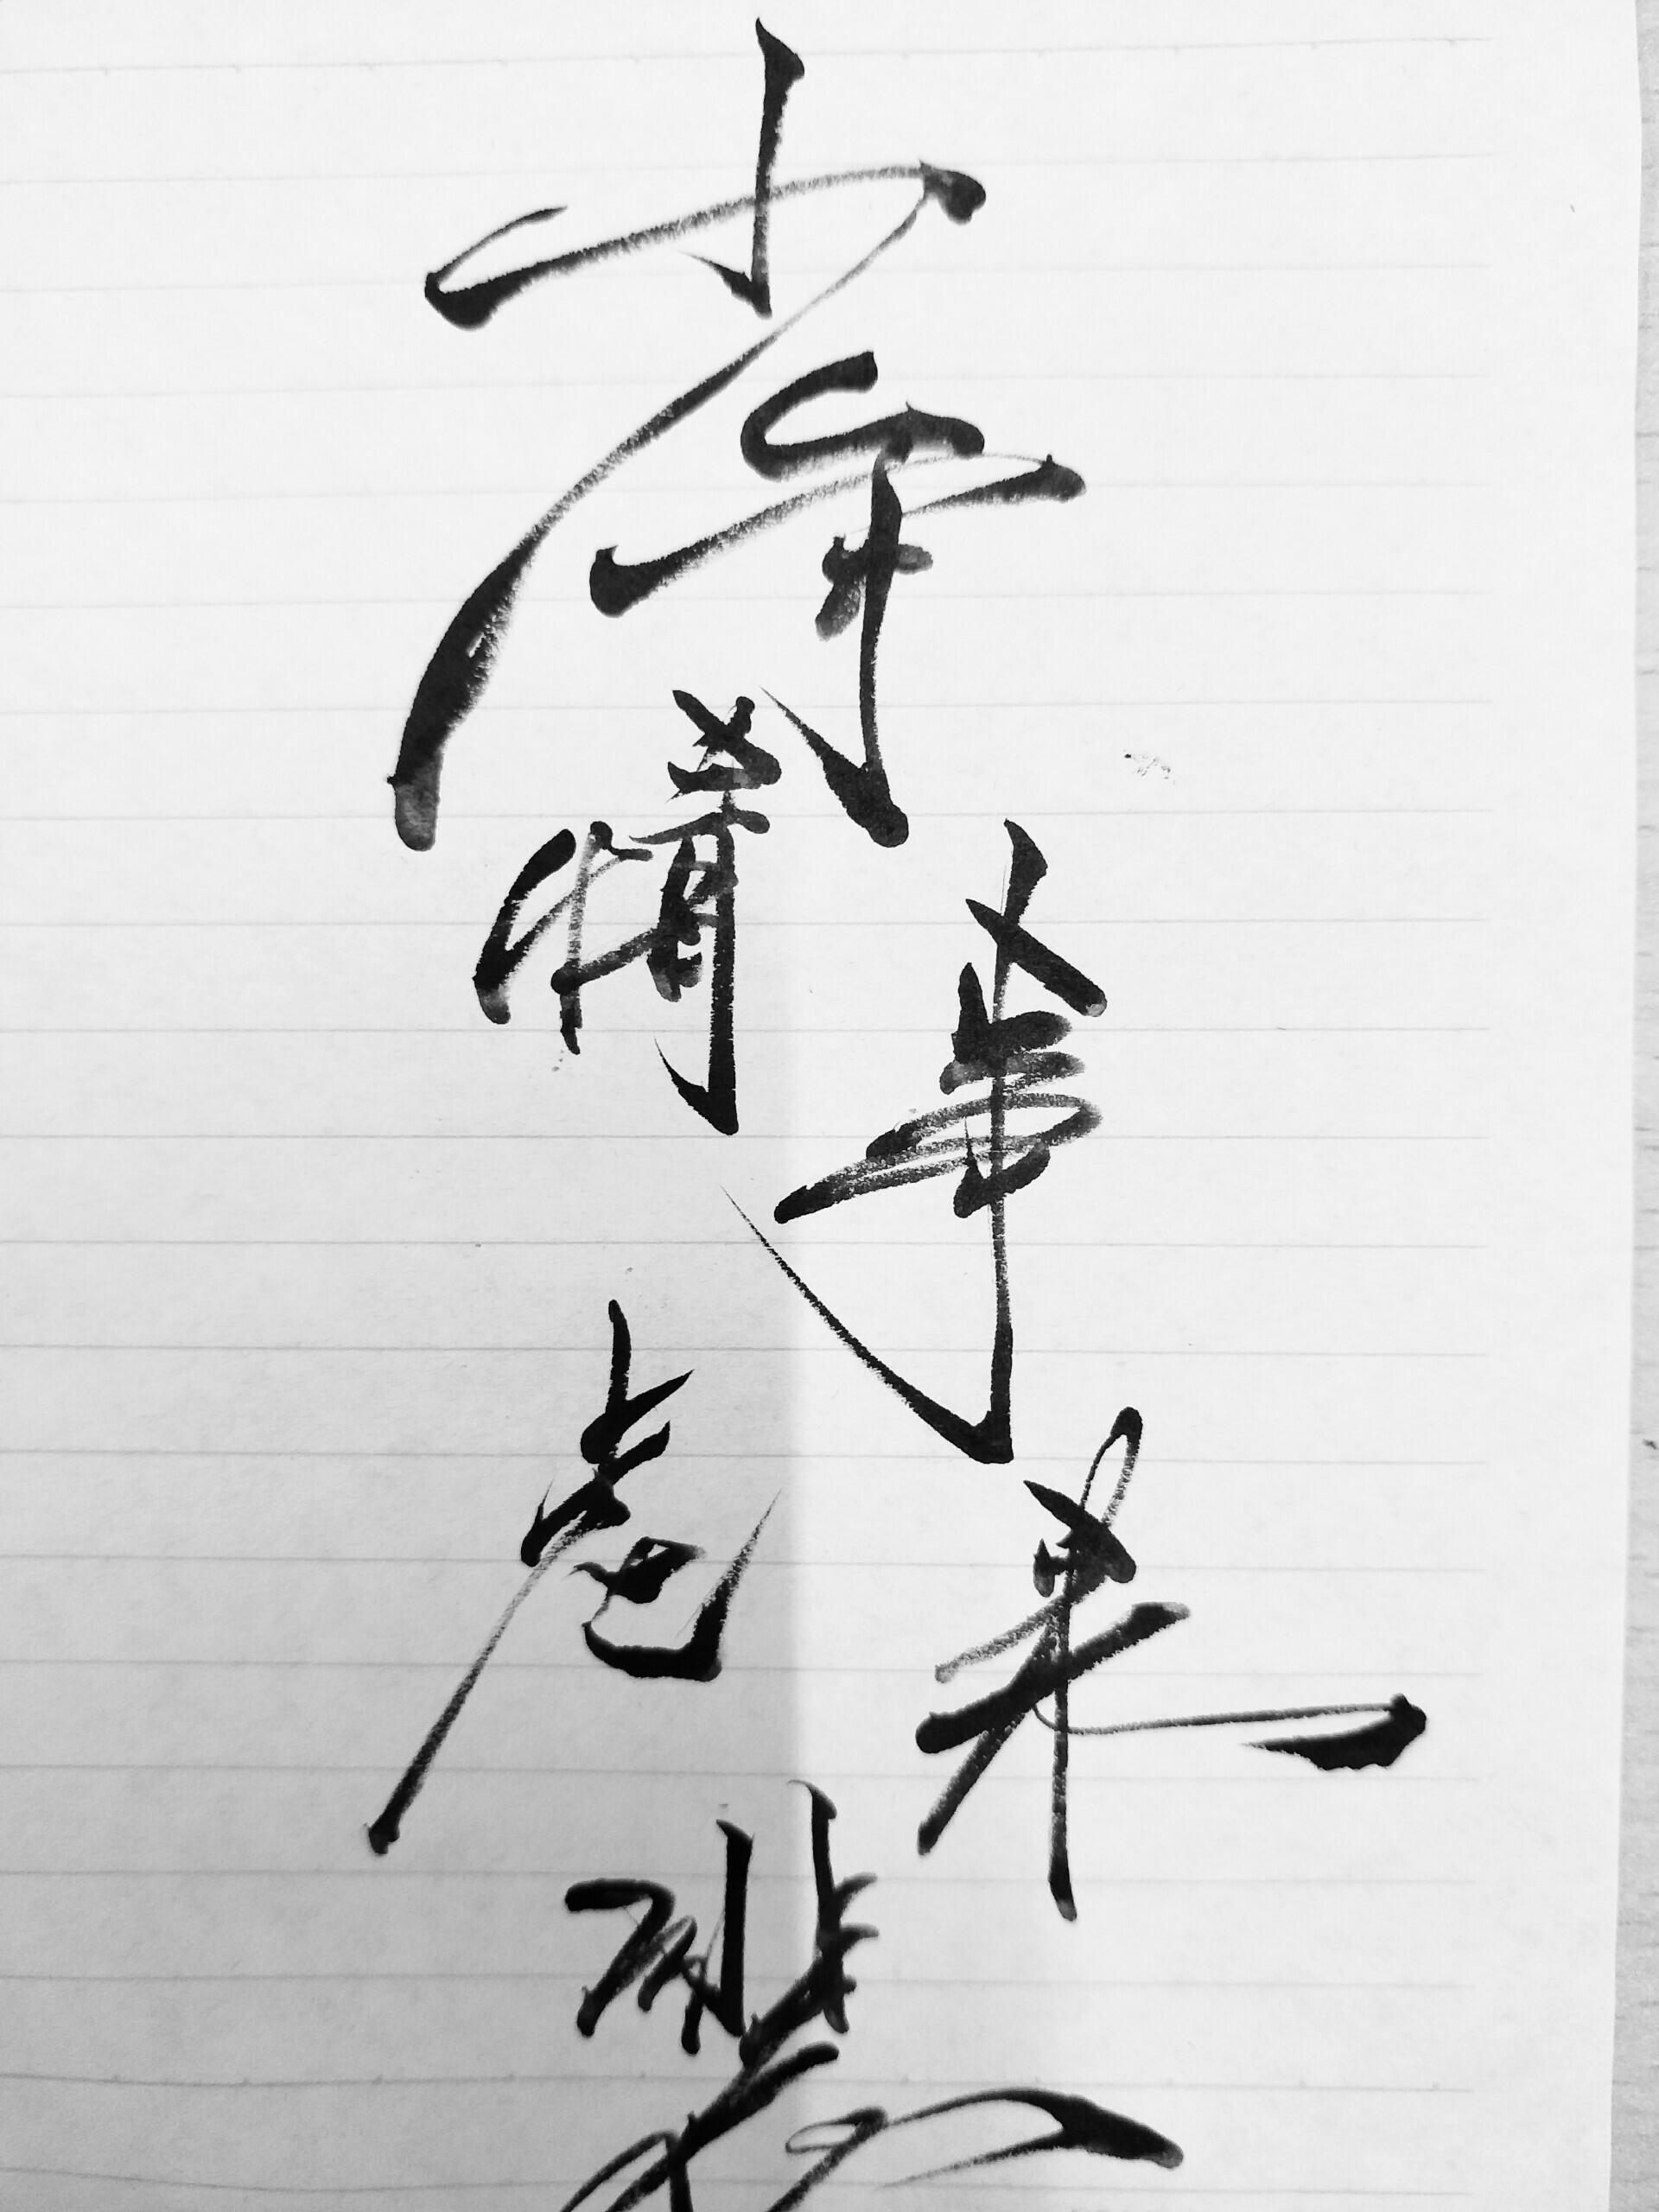 纹身图腾写字手稿素材